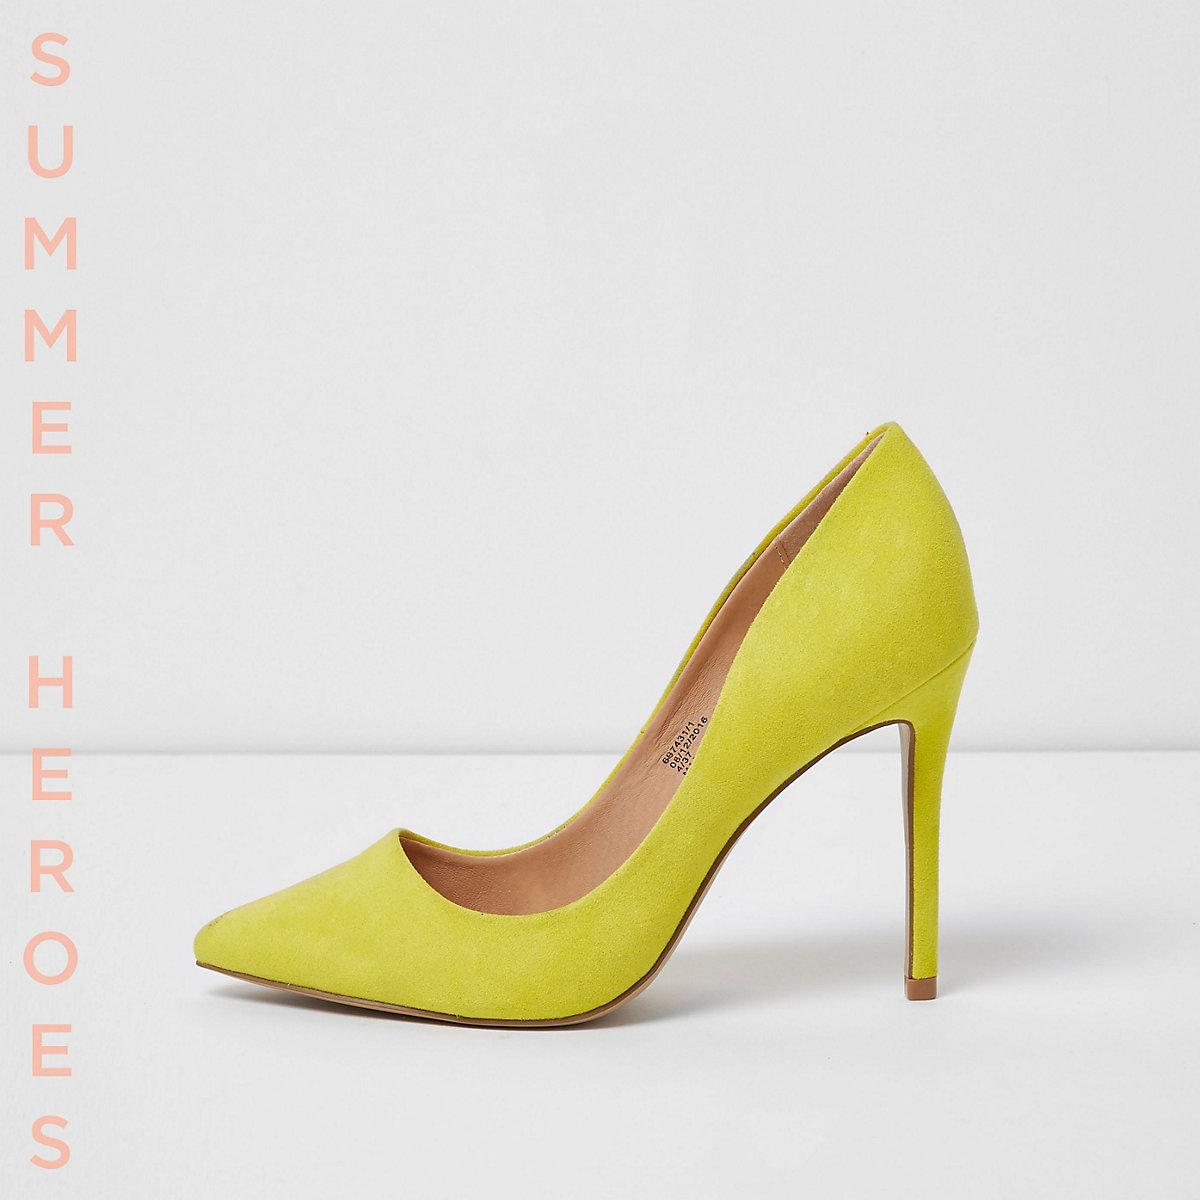 5e89d4ea8752 Yellow court shoes - Shoes   Boots - Sale - women